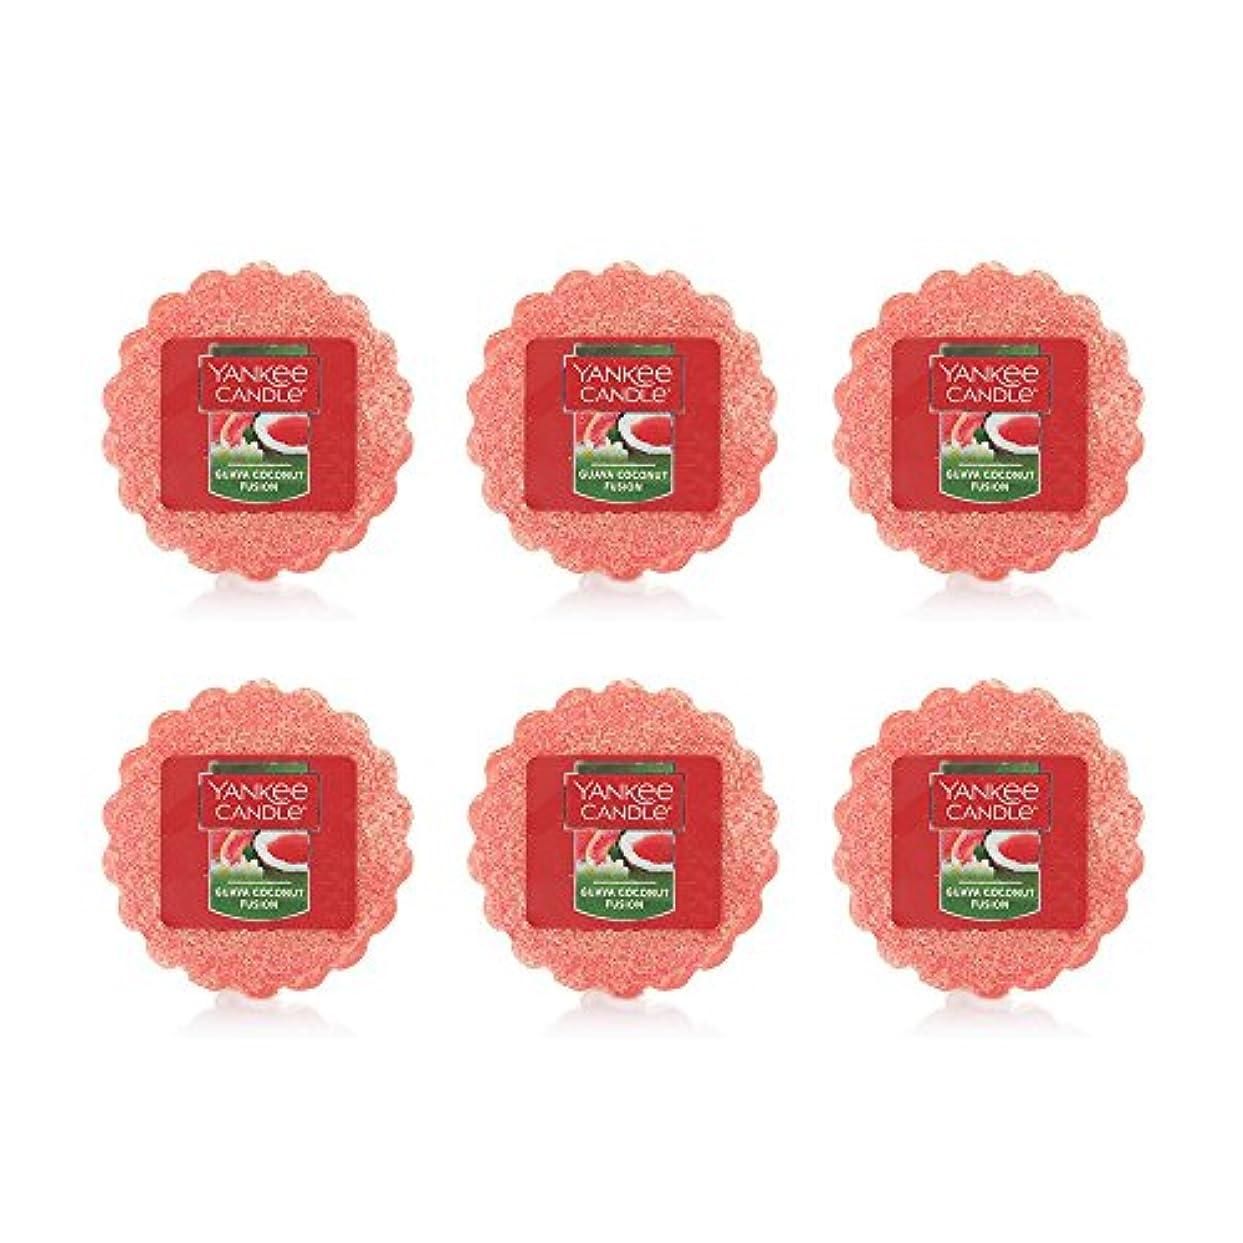 あたたかい切るケイ素Yankee Candle Lot of 6 Guava Coconut Fusion TartsワックスMelts